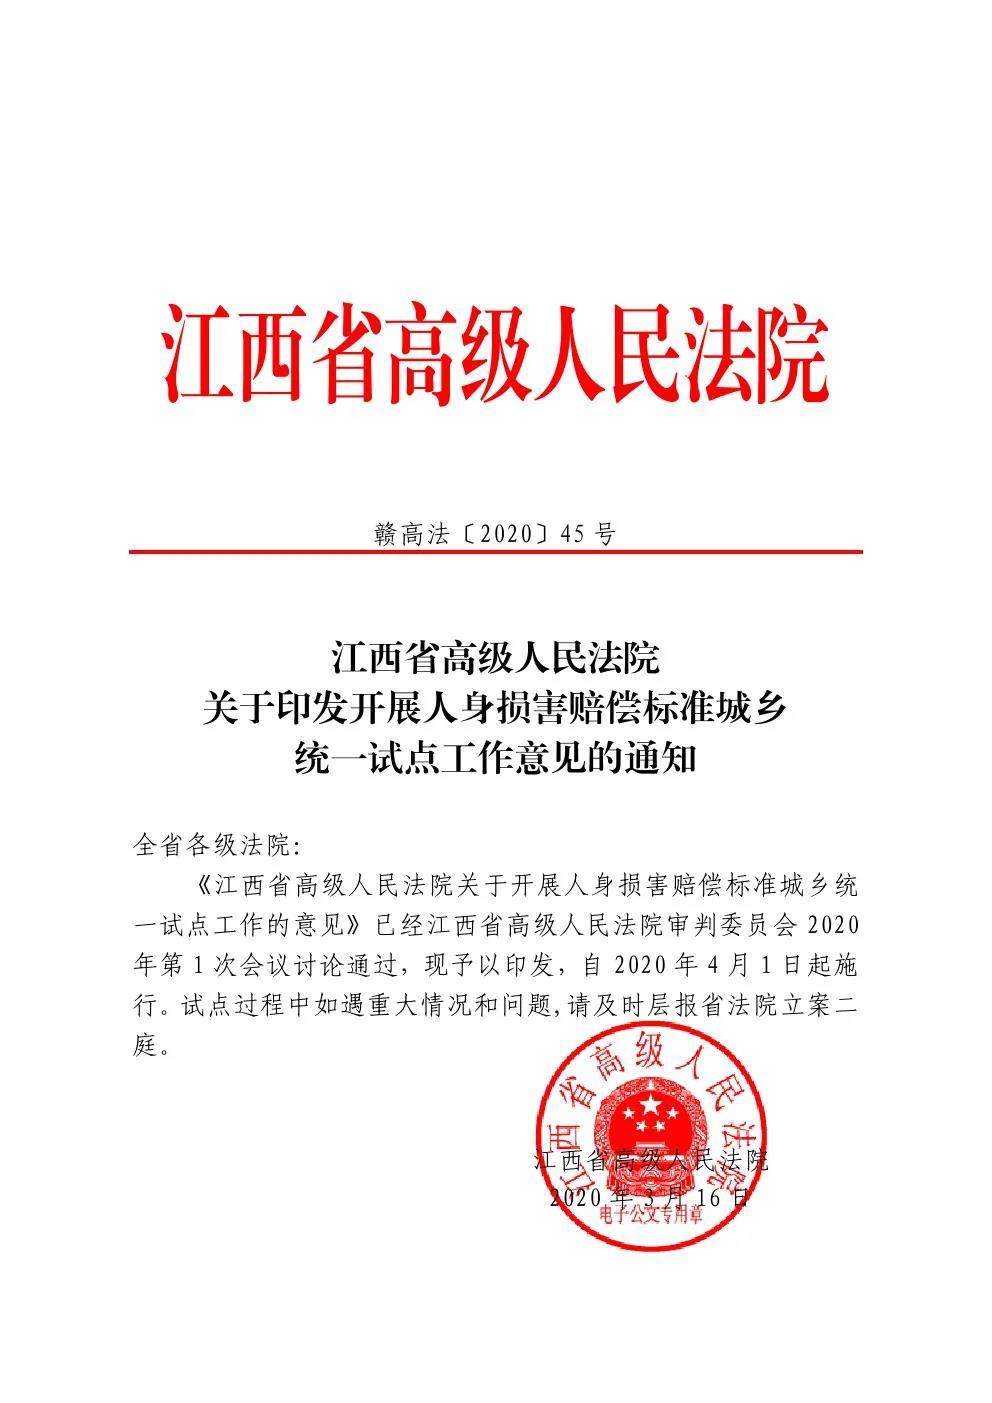 江西省高级人民法院关于印发开展人身损害赔偿标准城乡统一试点工作的意见的通知